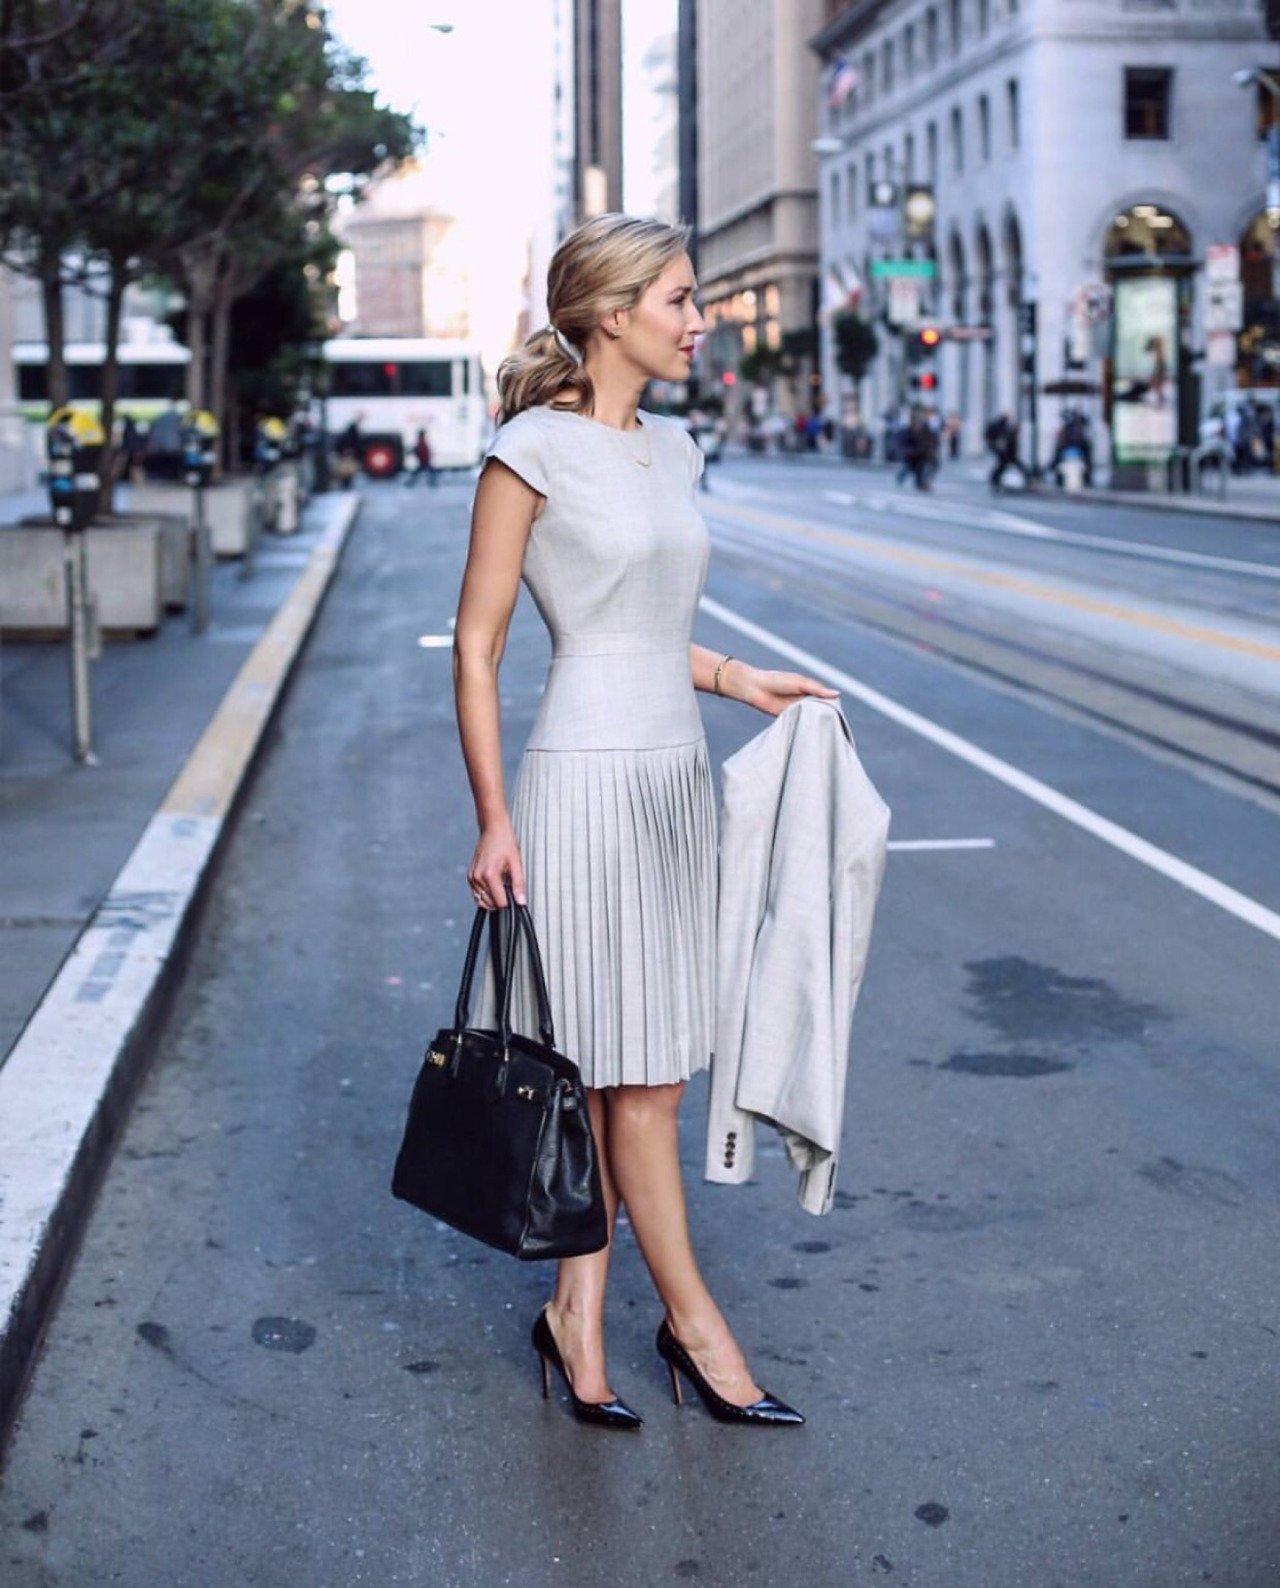 delovoe-plate-foto_-50 ТОП 10 самых красивых платьев в мире: рейтинг на фото